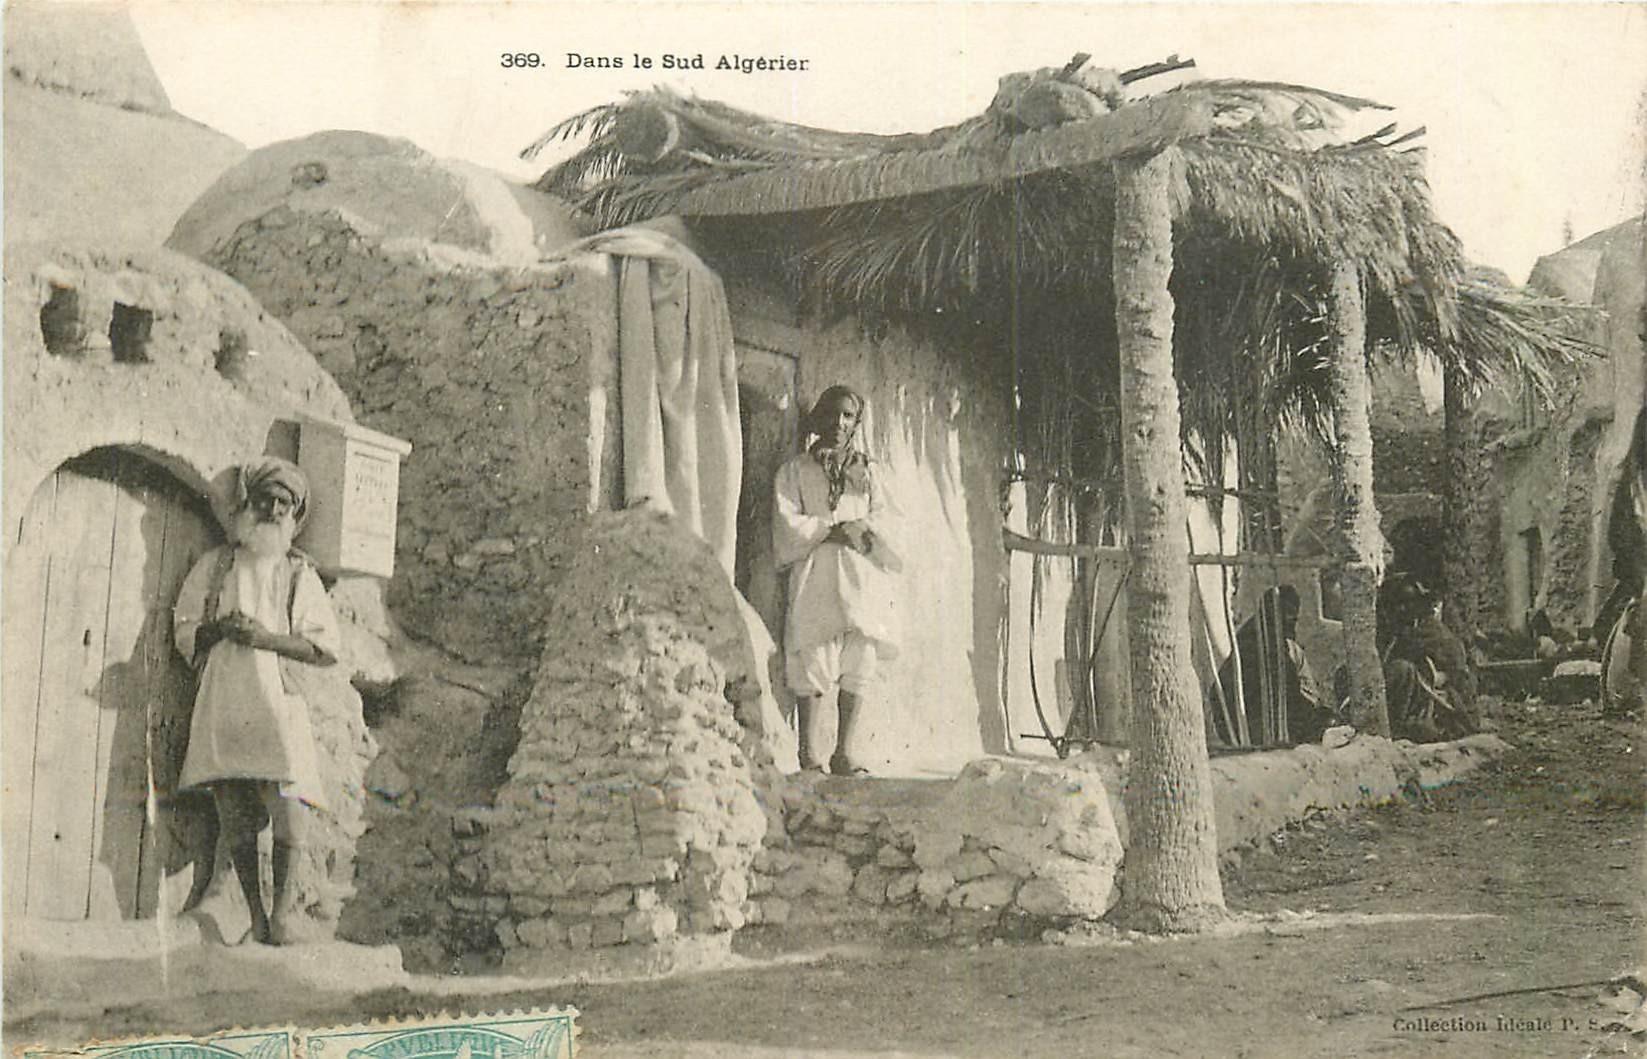 WW ALGERIE. Une boite à lettres dans le Sud Algérien 1905